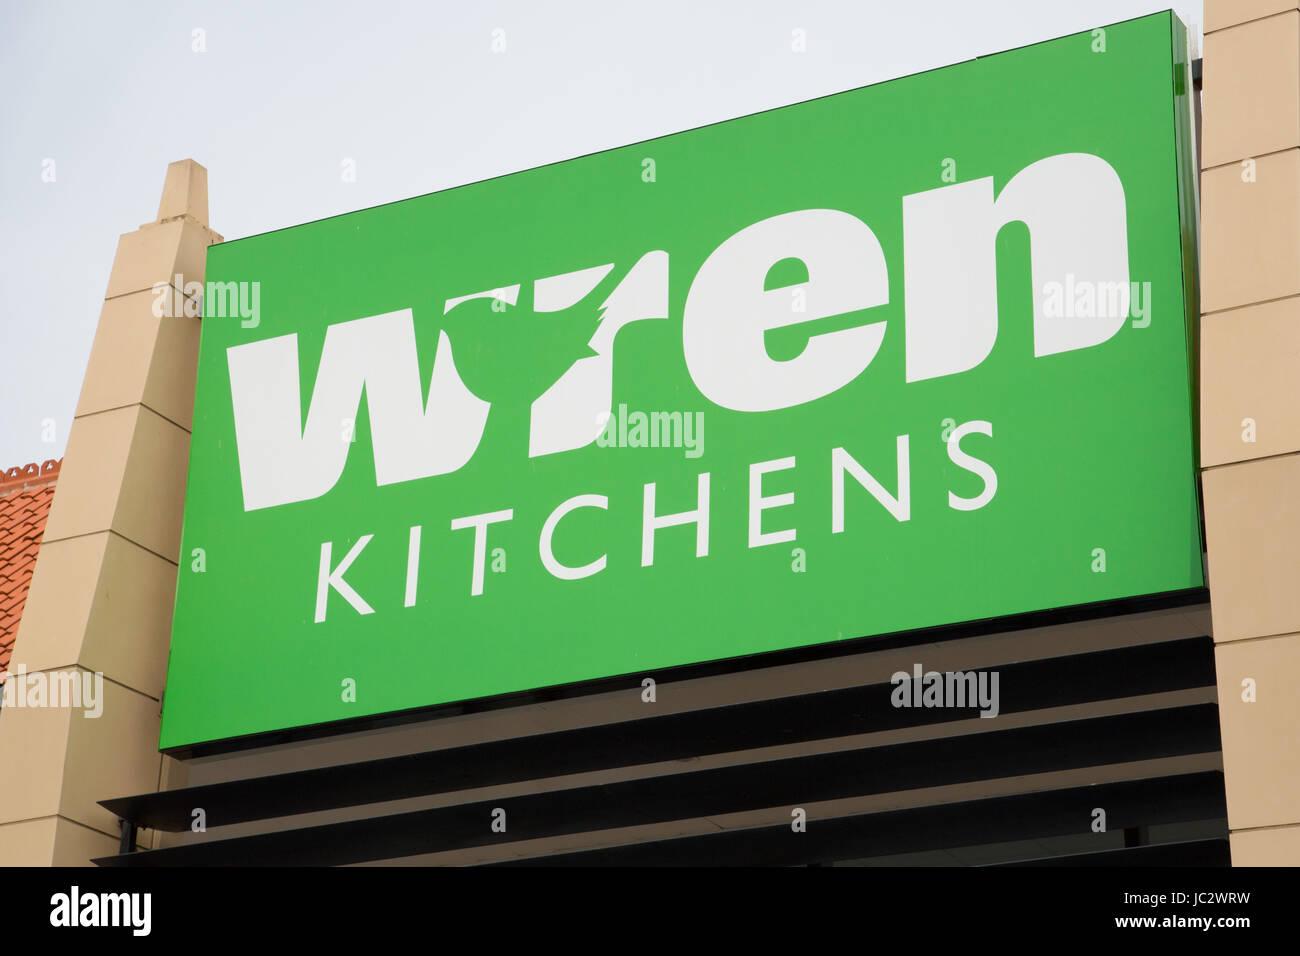 Wren Kitchens signage - Stock Image